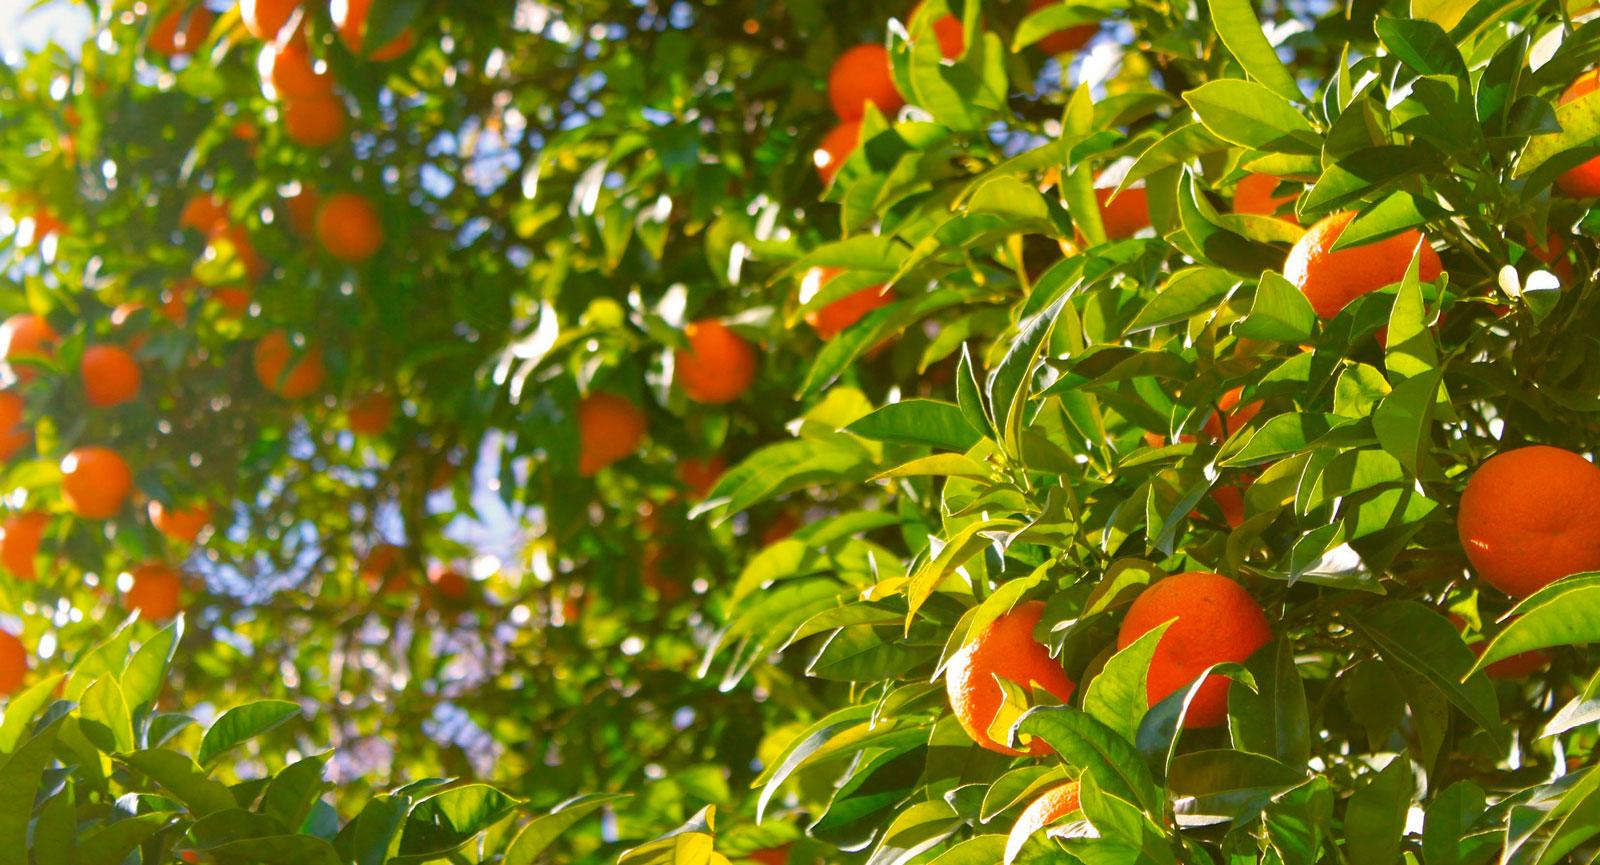 Costa Blanca är en del av Valencia, apelsinernas förlovade land.